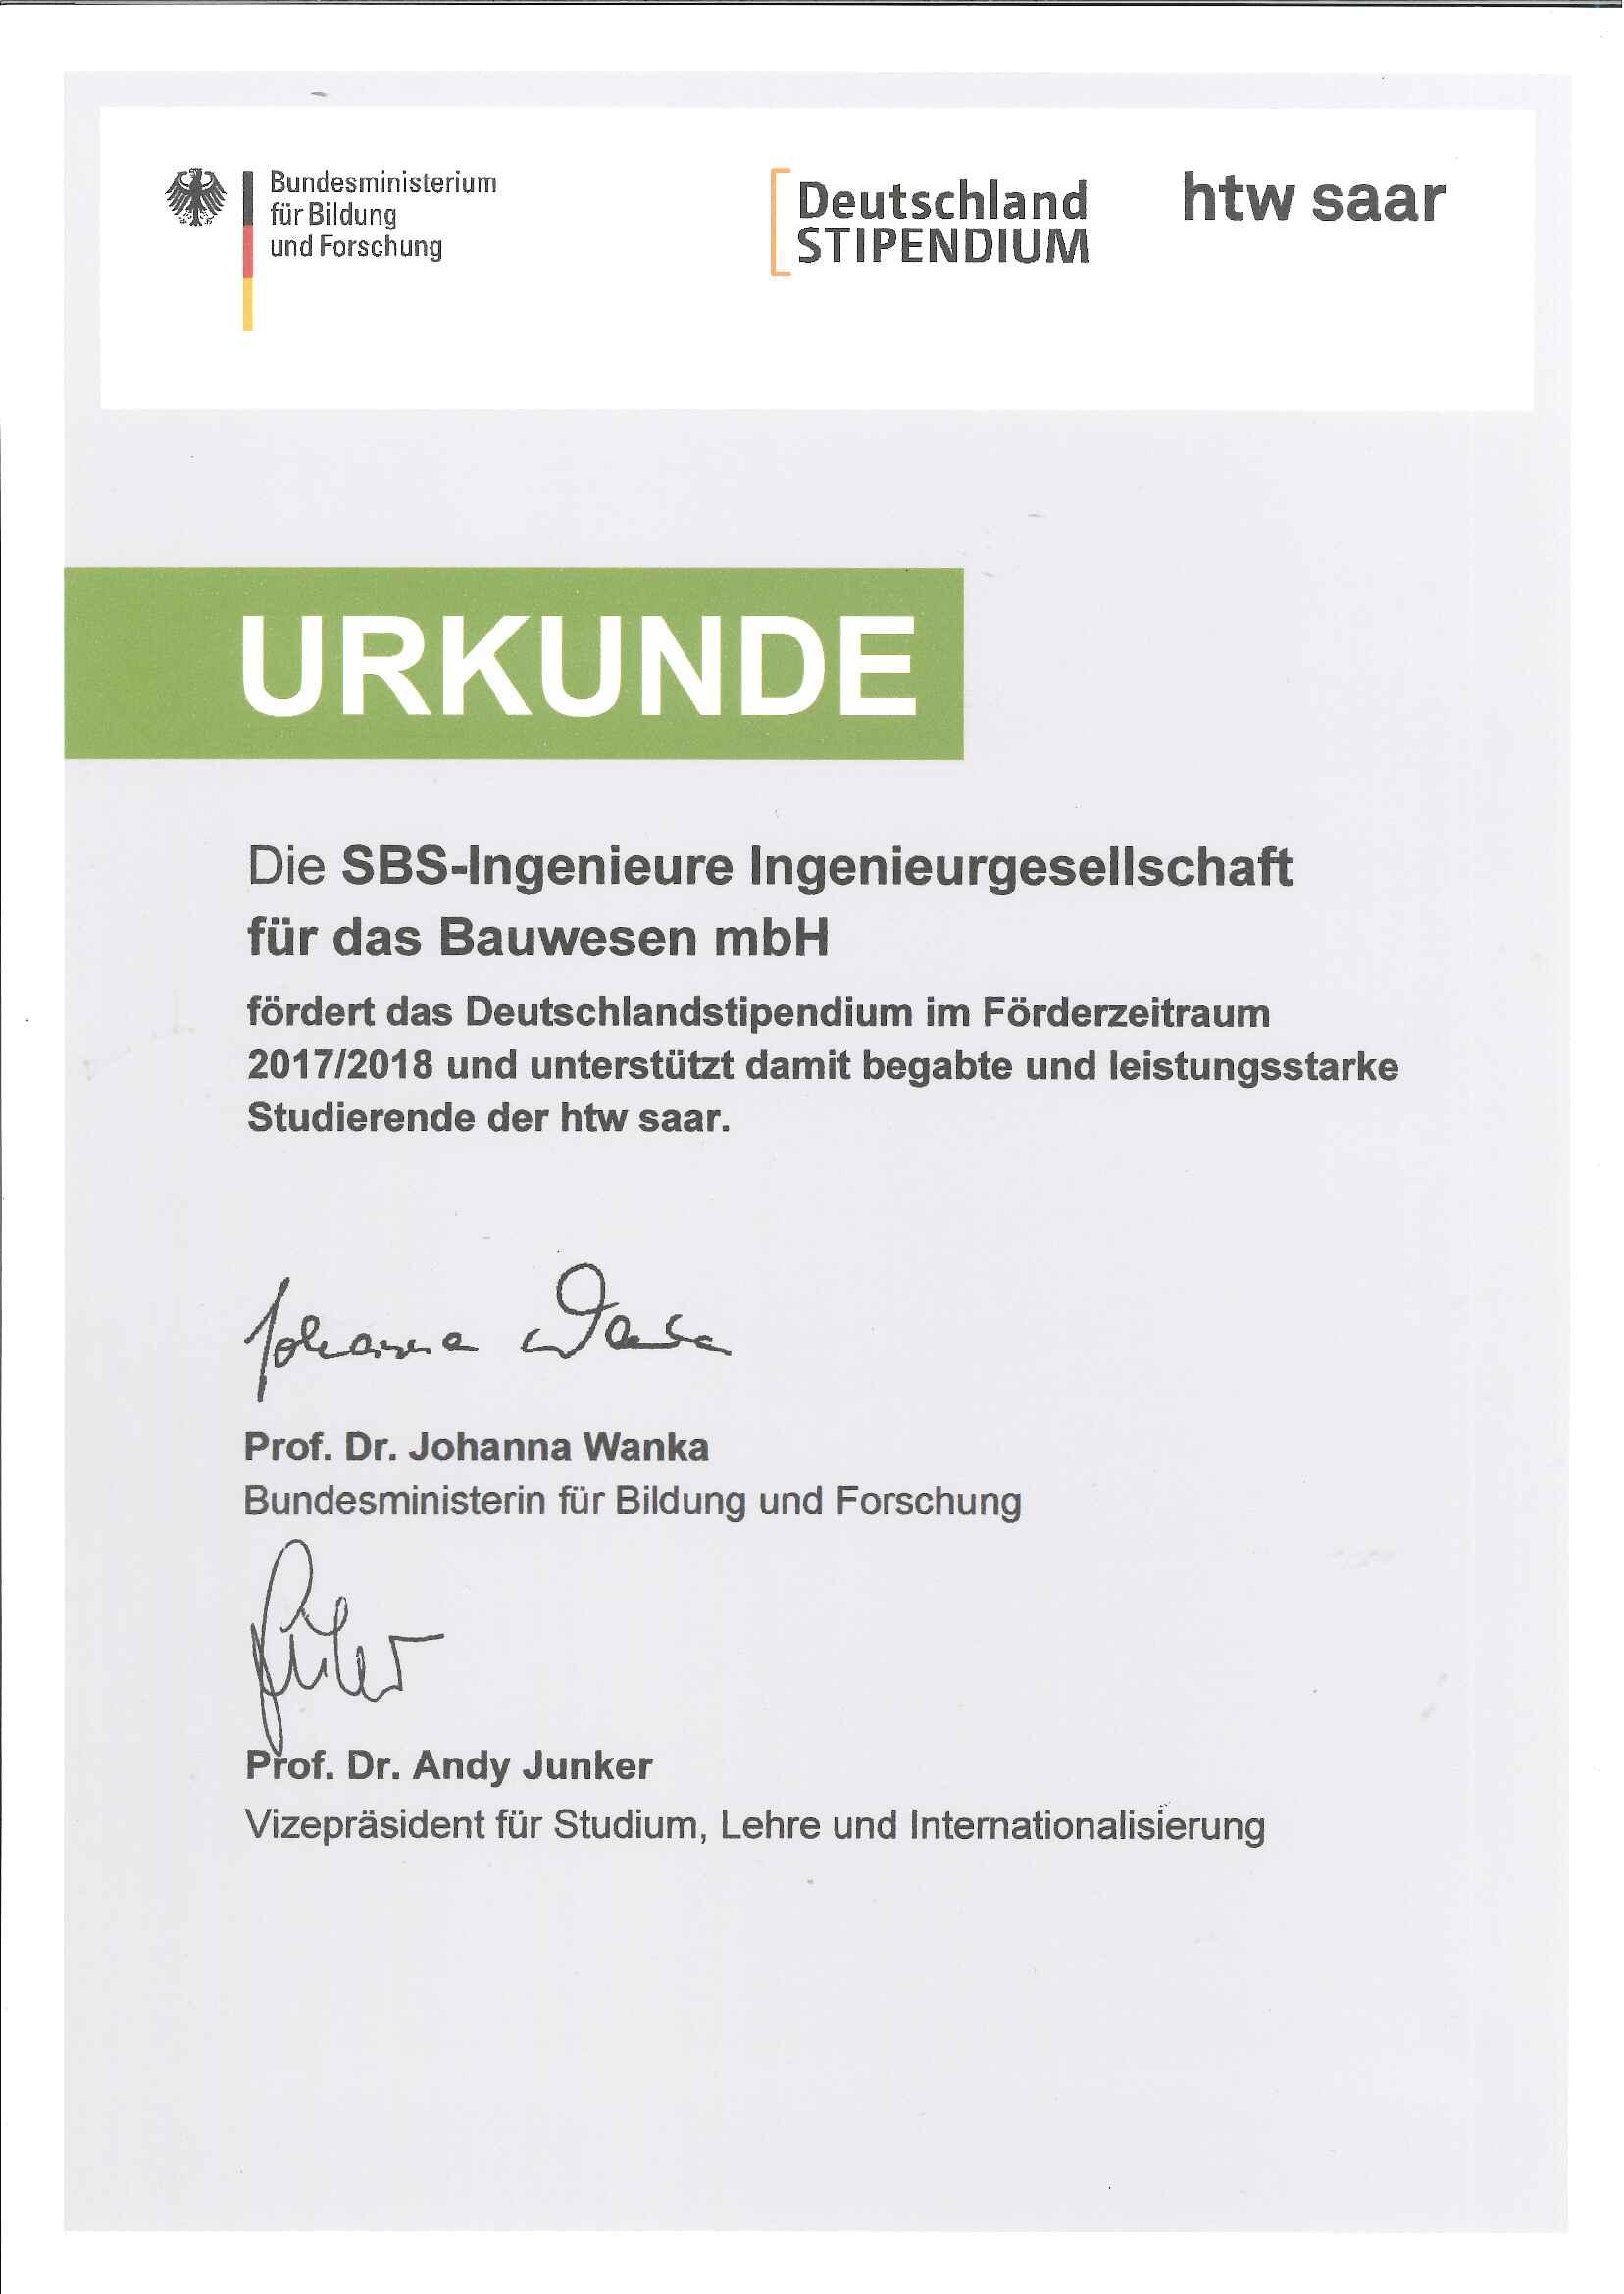 Gemütlich Ein Rahmensperr Galerie - Benutzerdefinierte Bilderrahmen ...